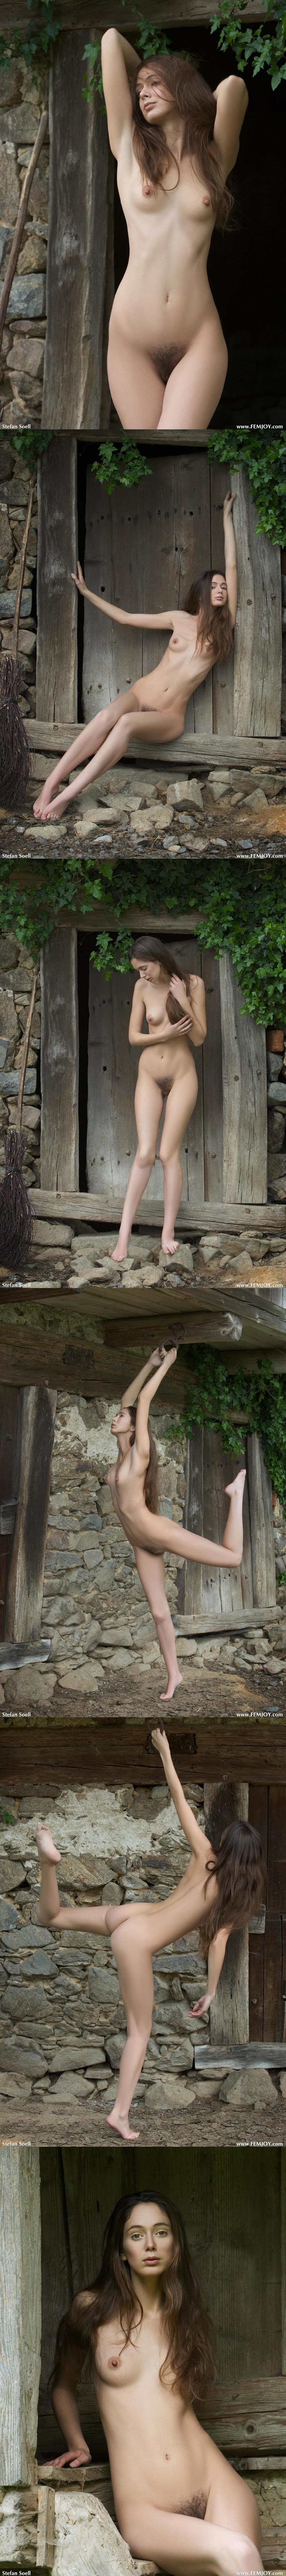 FEdf  - 2005-12-13 - Dasha - Foamy x85 3000px sexy girls image jav